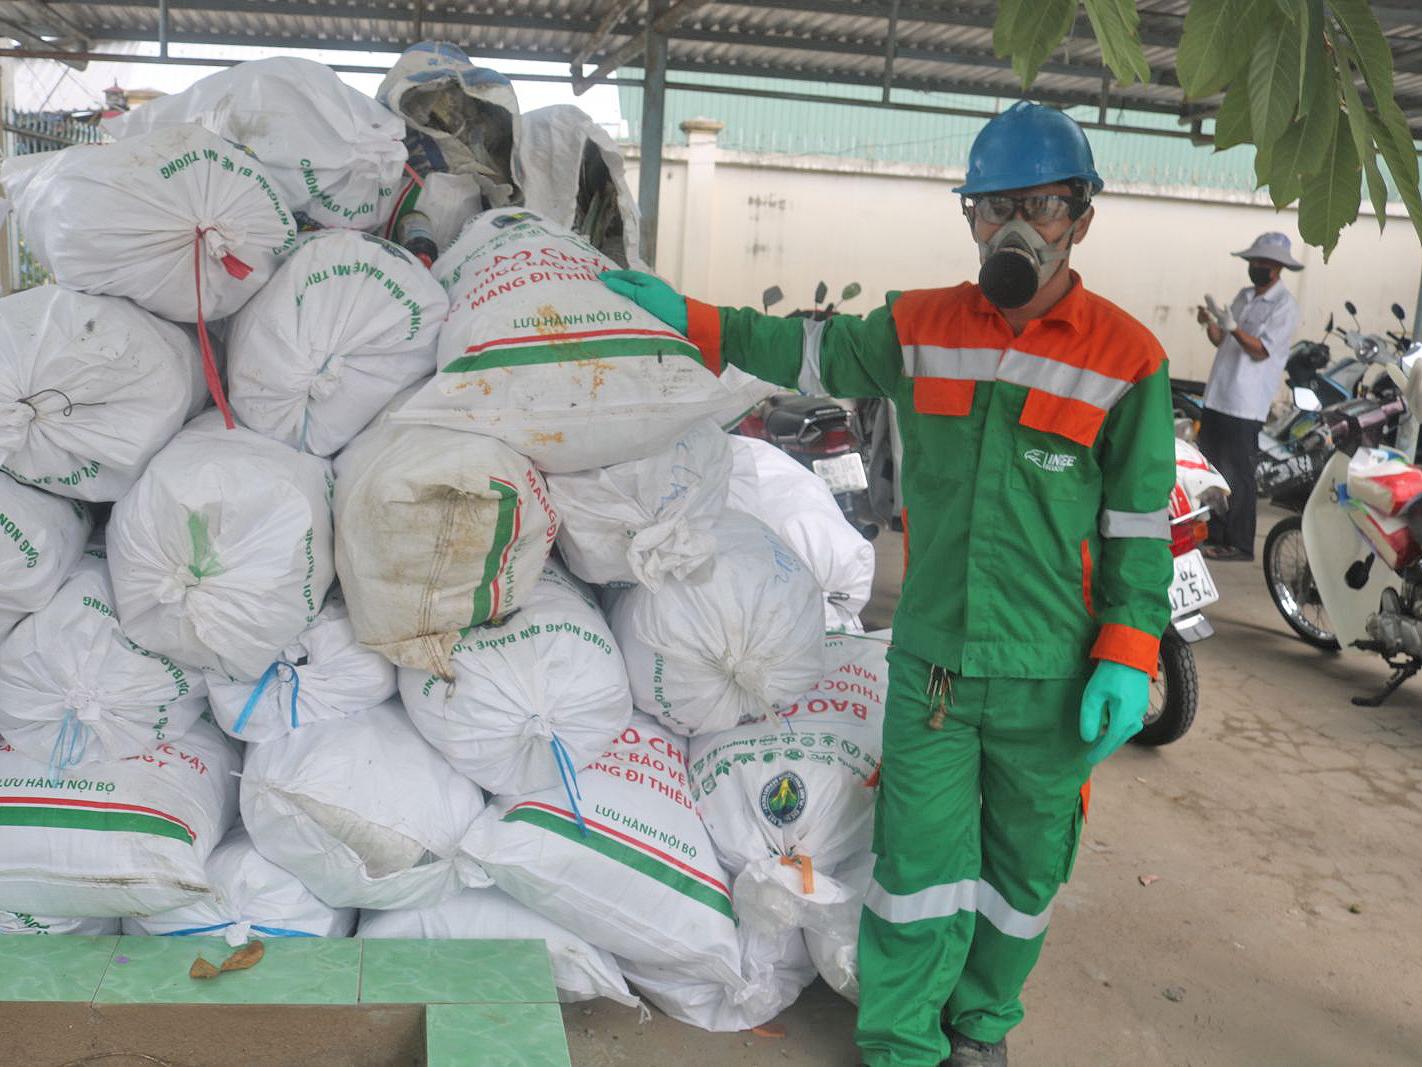 Vỏ bao bì thuốc BVTV được thu gom, tập kết tại xã Trường Long (huyện Phong Điền, TP Cần Thơ) để chuẩn bị đưa lên xe chuyên dụng chở đi tiêu hủy.